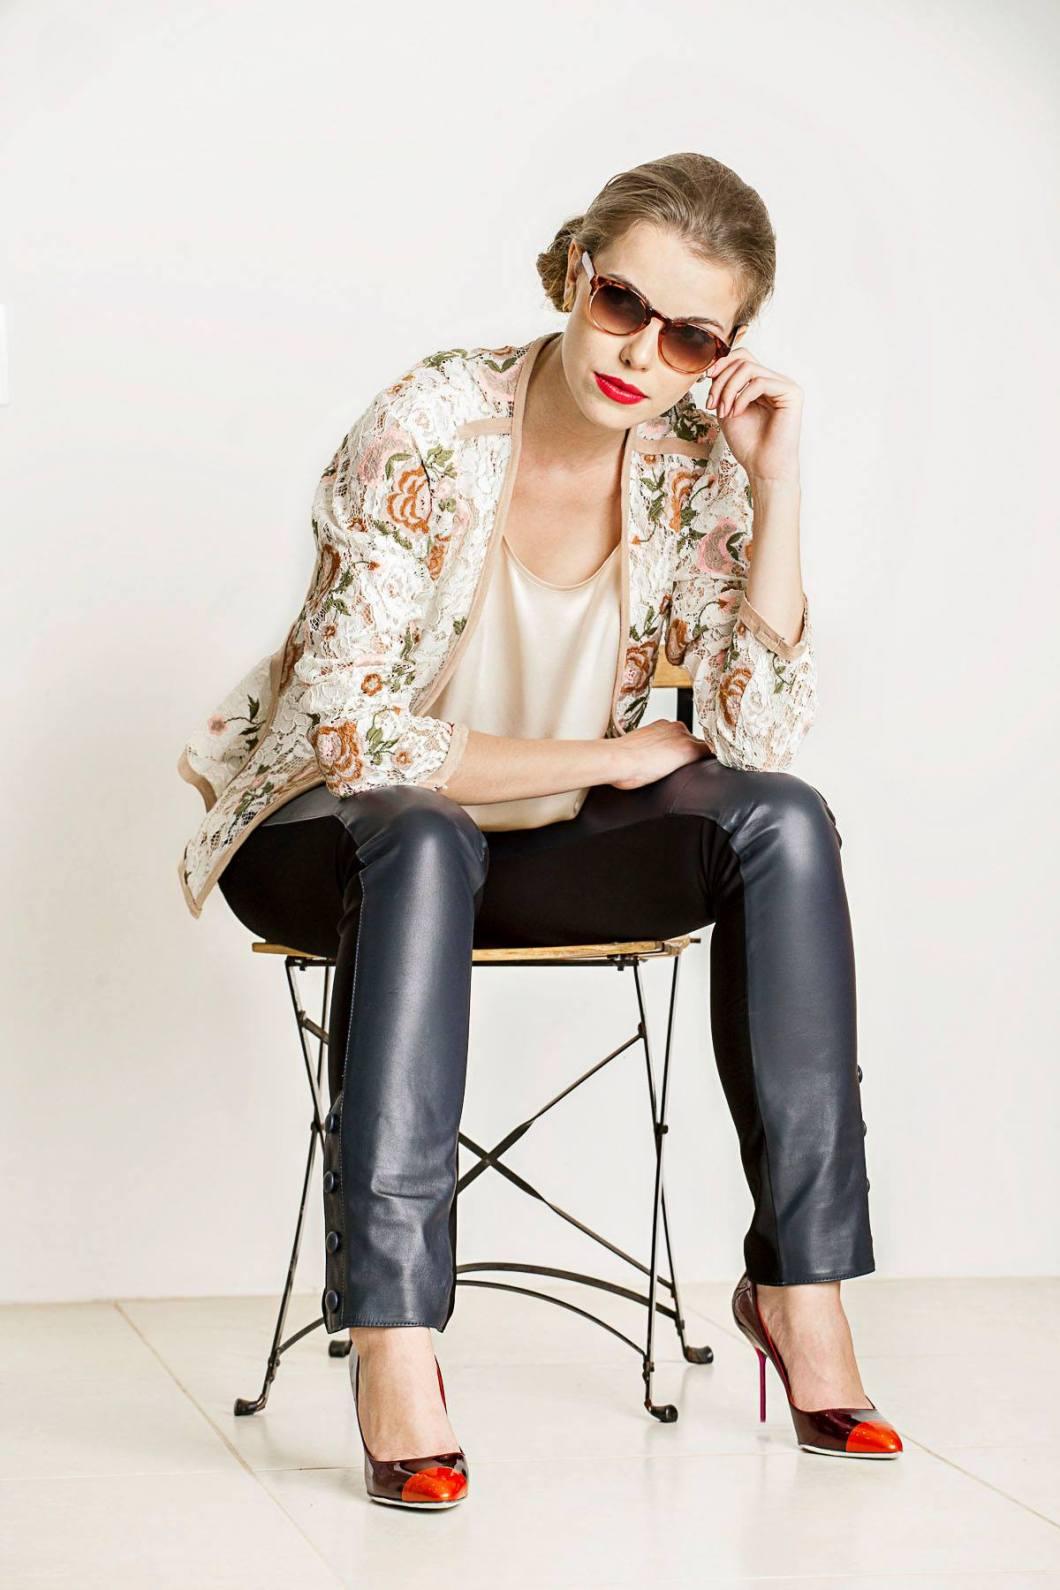 Blusa Cetim Iodice, Blusa renda UH Premium, Calça Verosenso e Sapato Sergio Rossi na KÈR na Campanha Verão 2017 da Detroit Eyewear @ Tácito Carvalho e Silva (6)